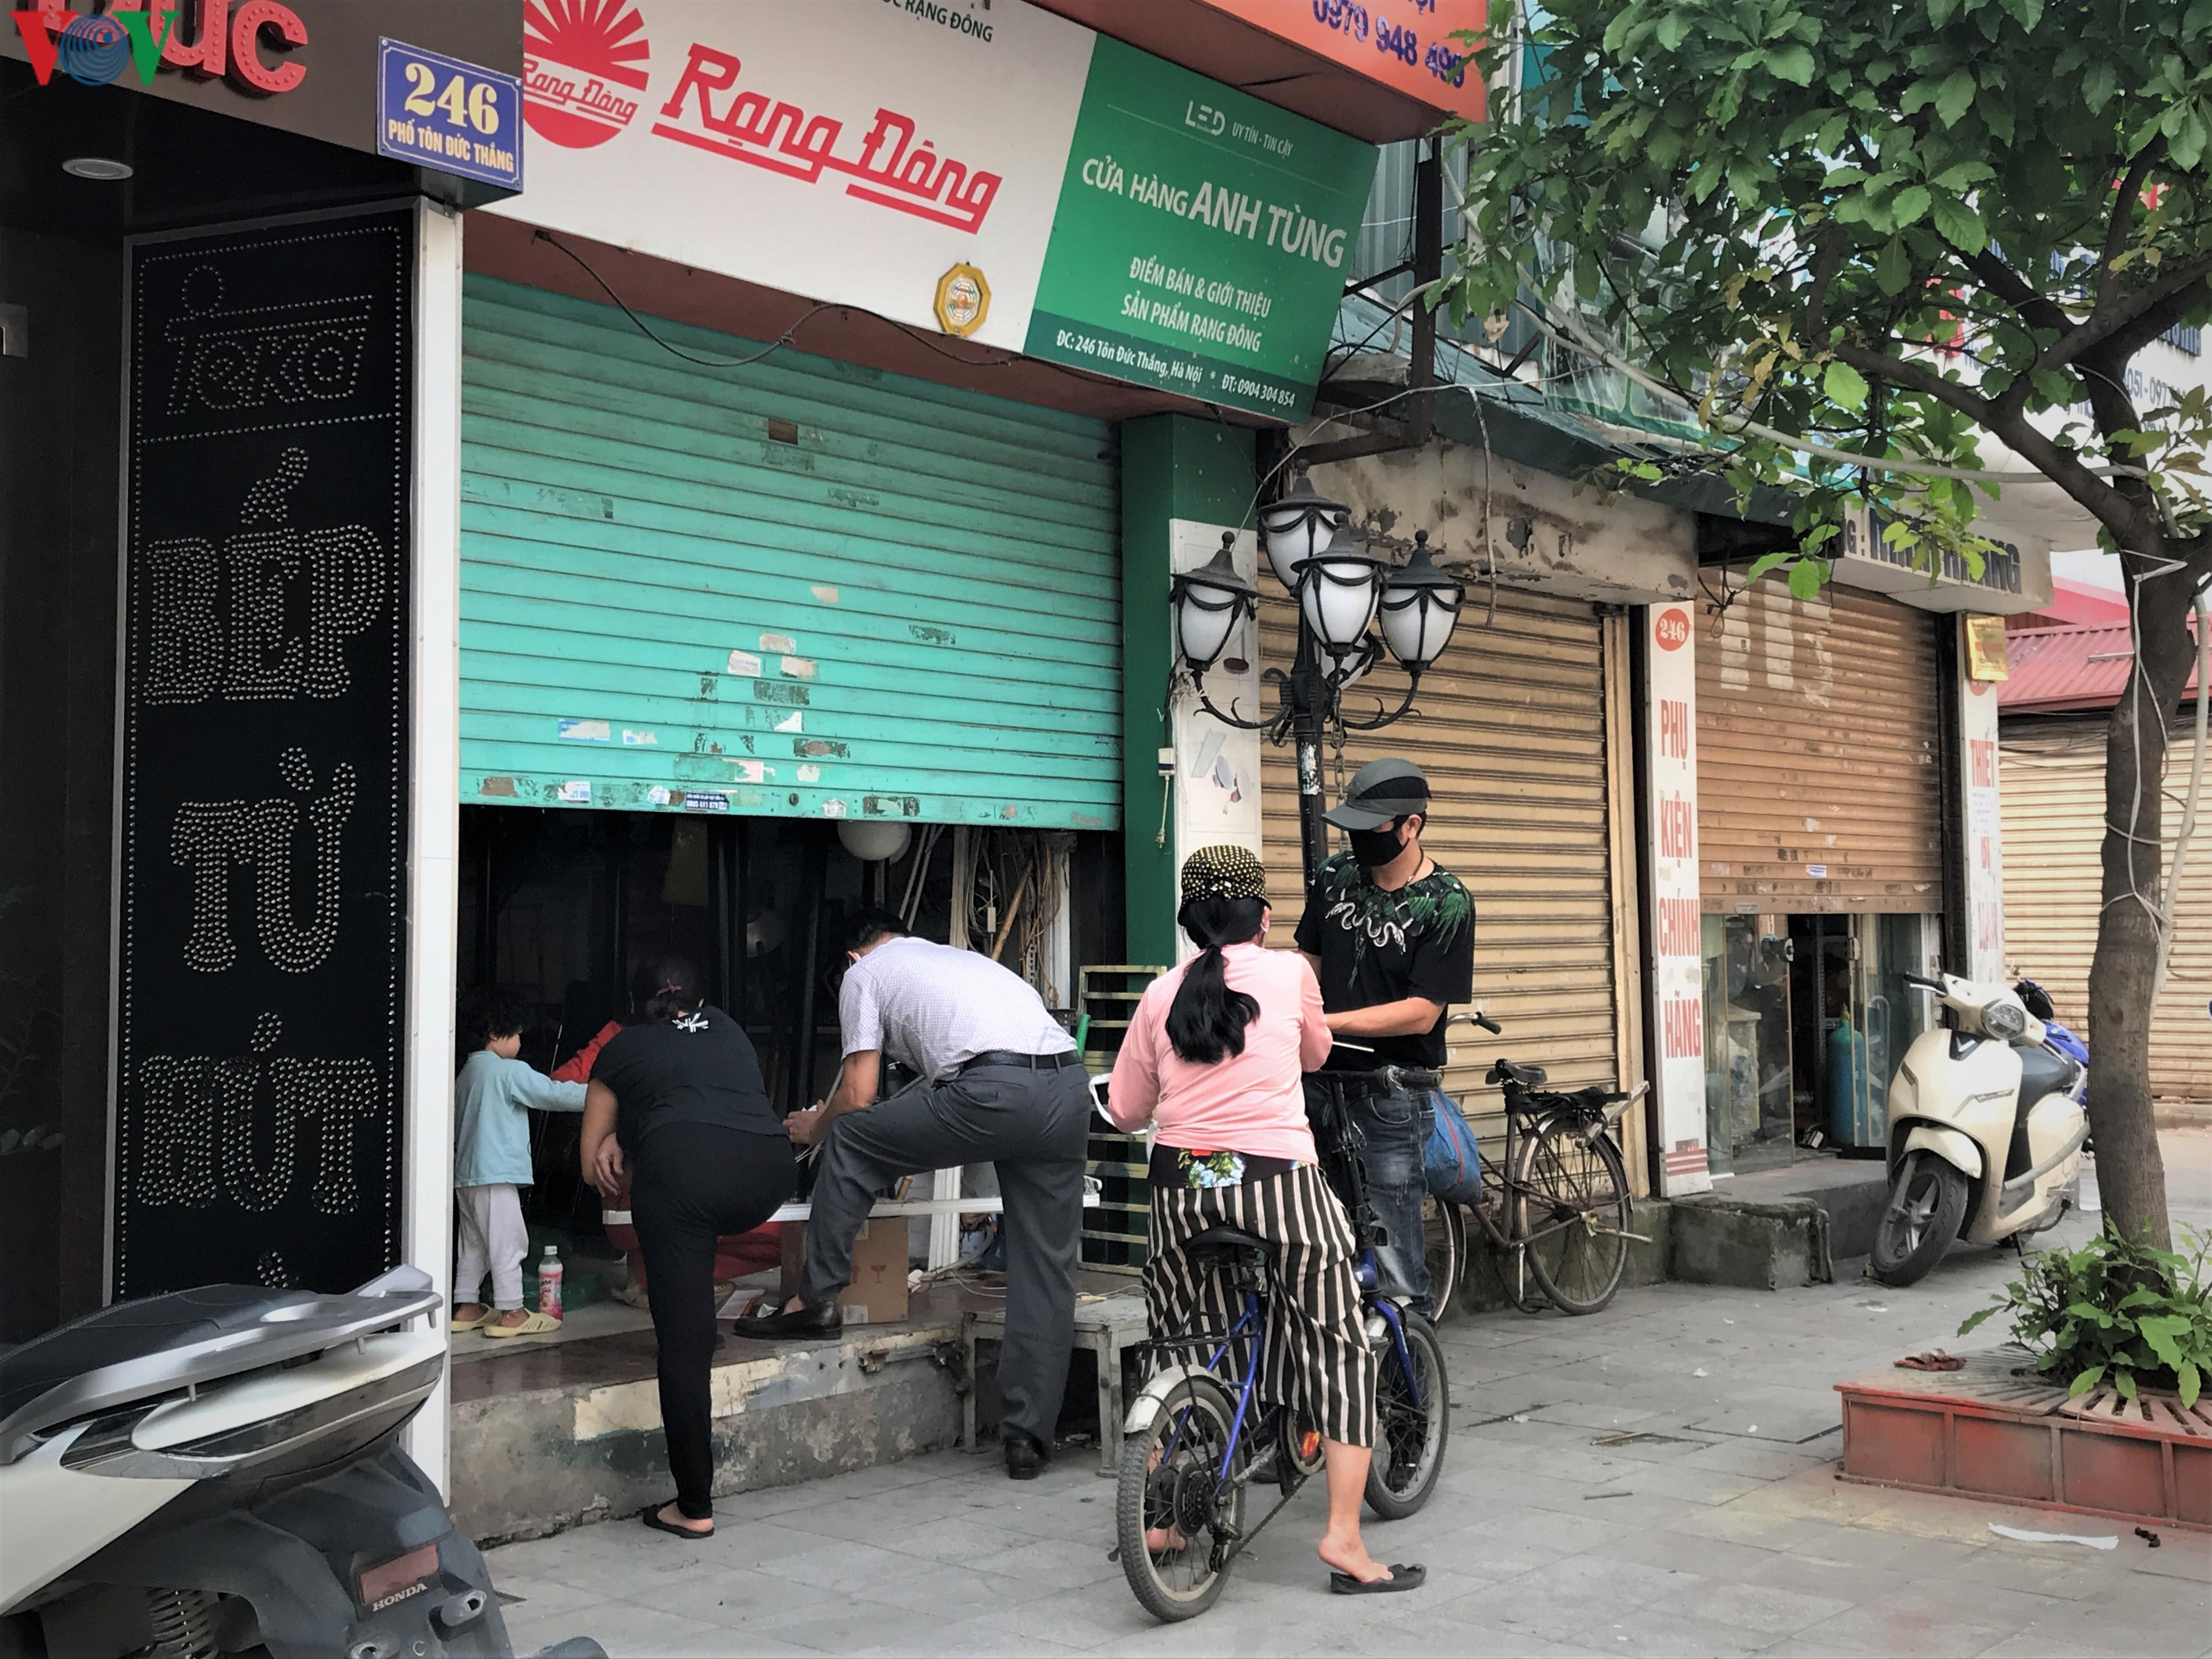 Ngày thứ 9 cách ly xã hội: Người và xe đông chật các ngã tư ở Hà Nội Ảnh 11